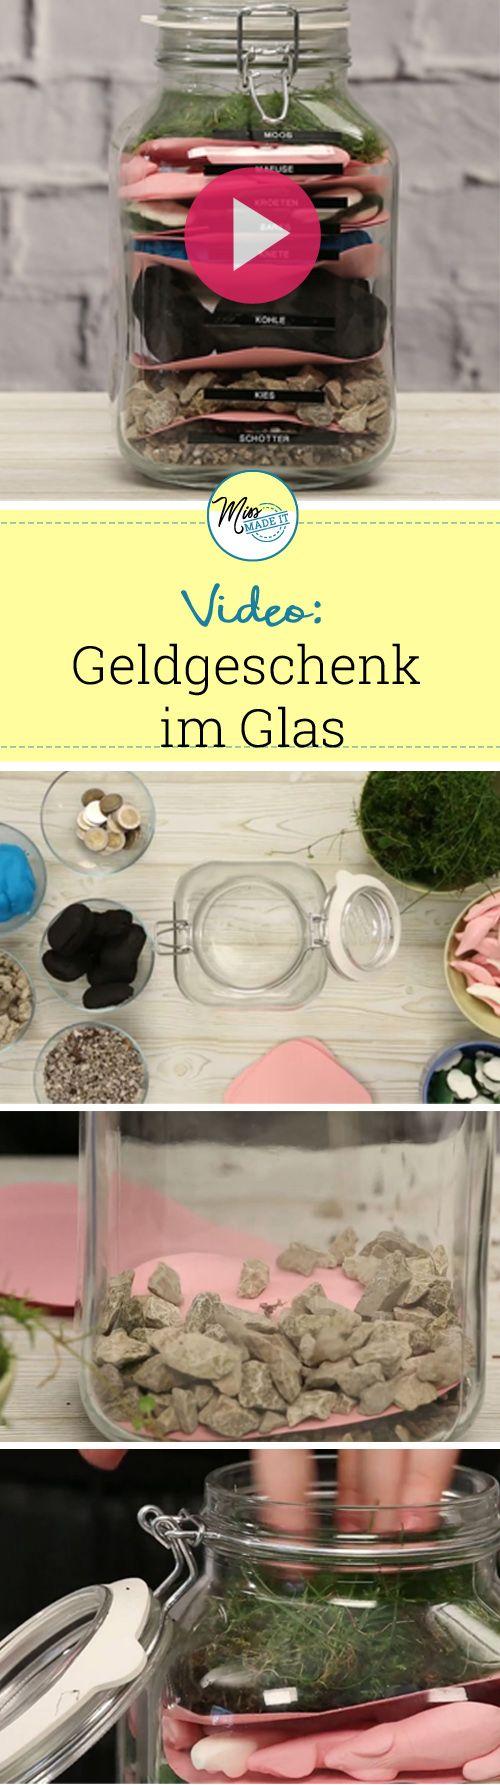 Geldgeschenke originell verpacken: Diese coole Idee im Glas ist wirklich genial! Geldgeschenke basteln, DIY Geldgeschenk, Geschenke verpacken